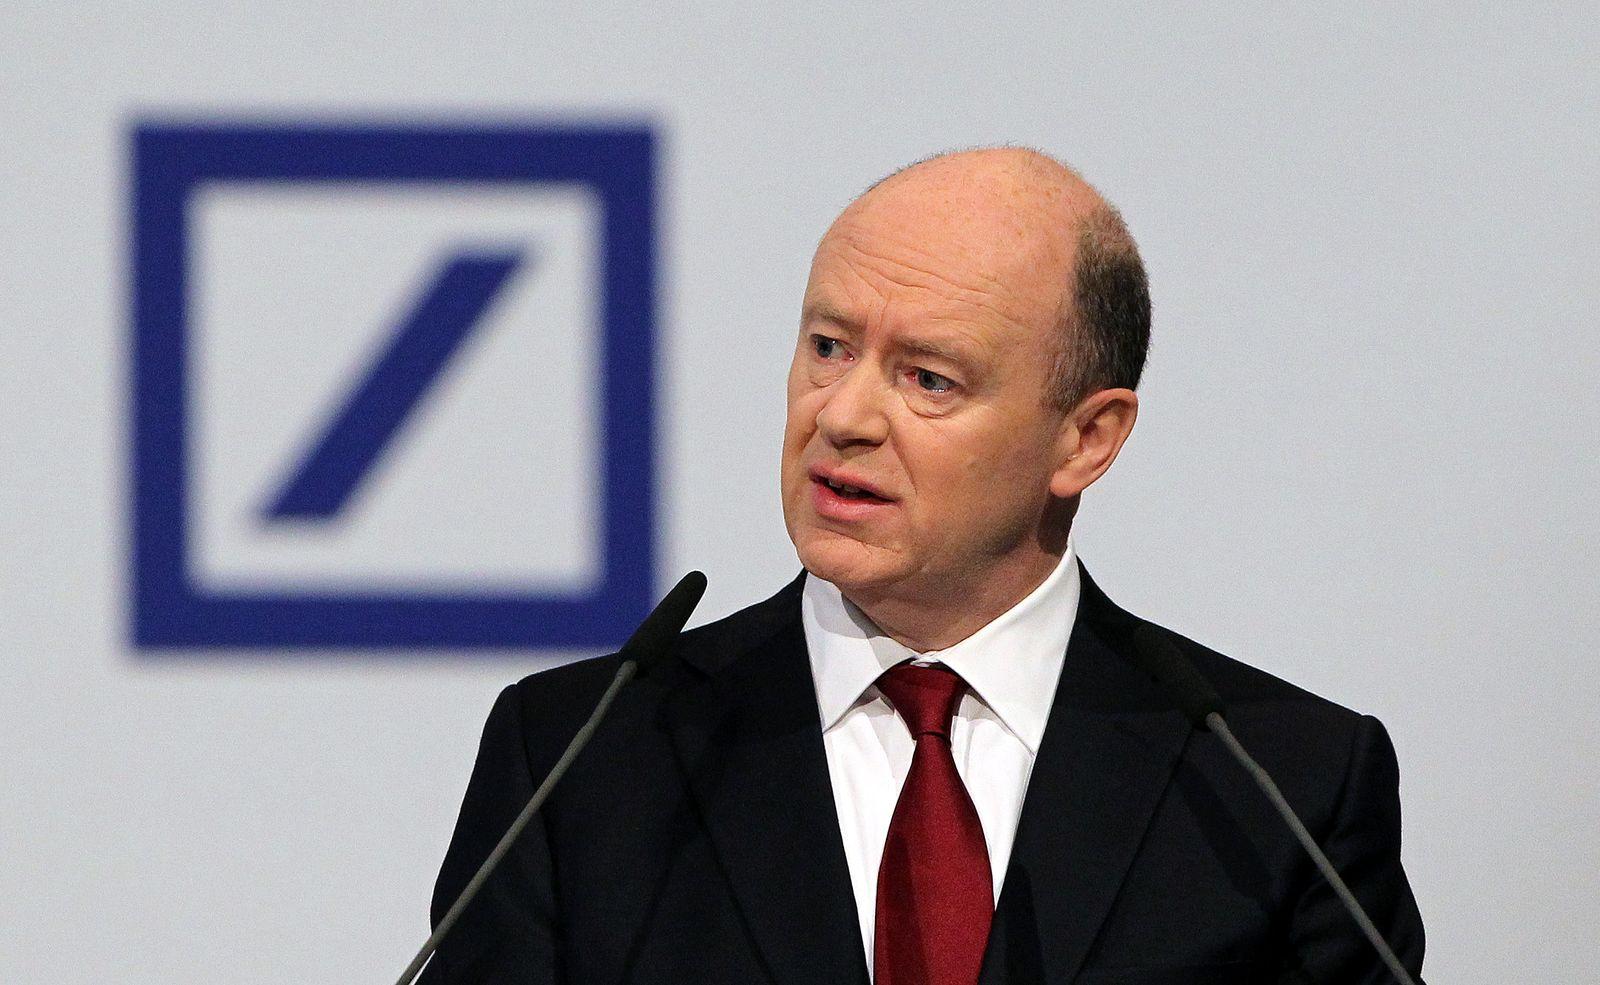 GERMANY-BANKING-DEUTSCHE-BANK